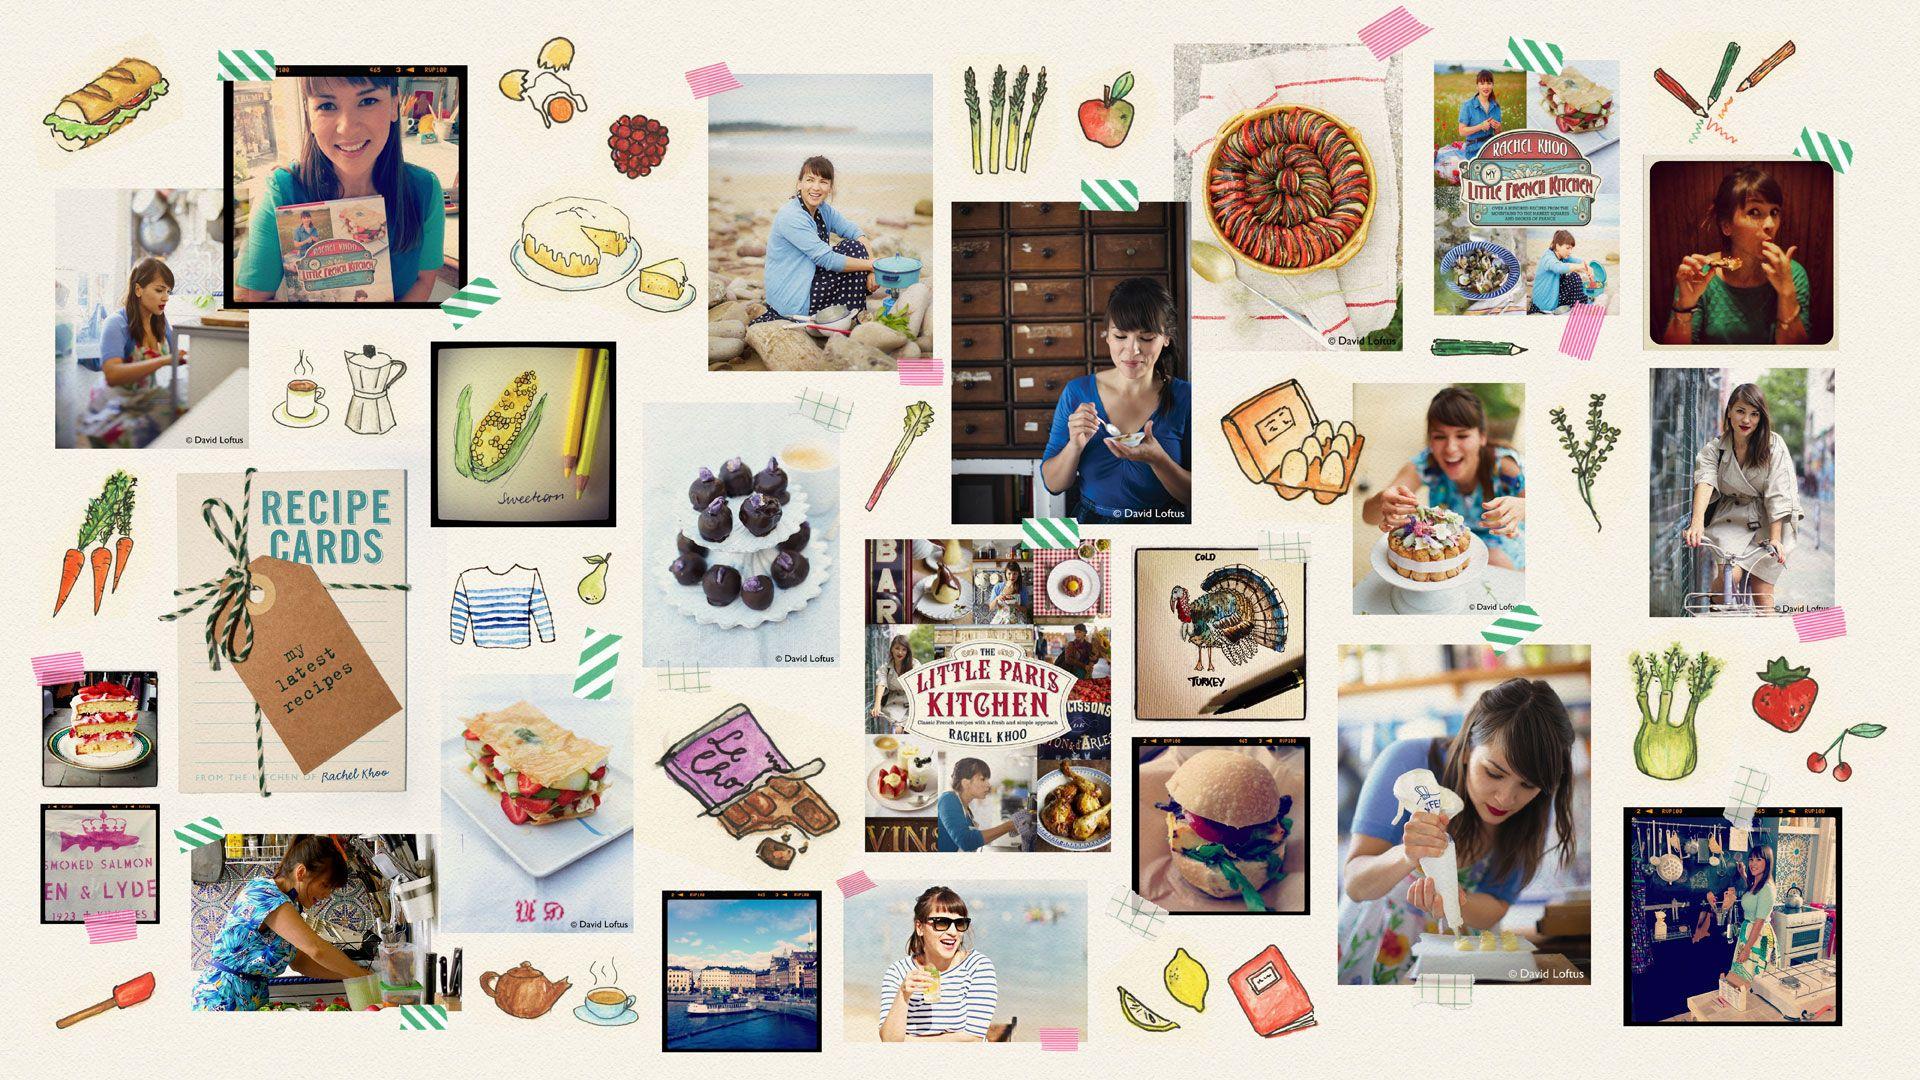 Rachel Khoo Little Paris Kitchen illustrations | Rachel Khoo xx ...